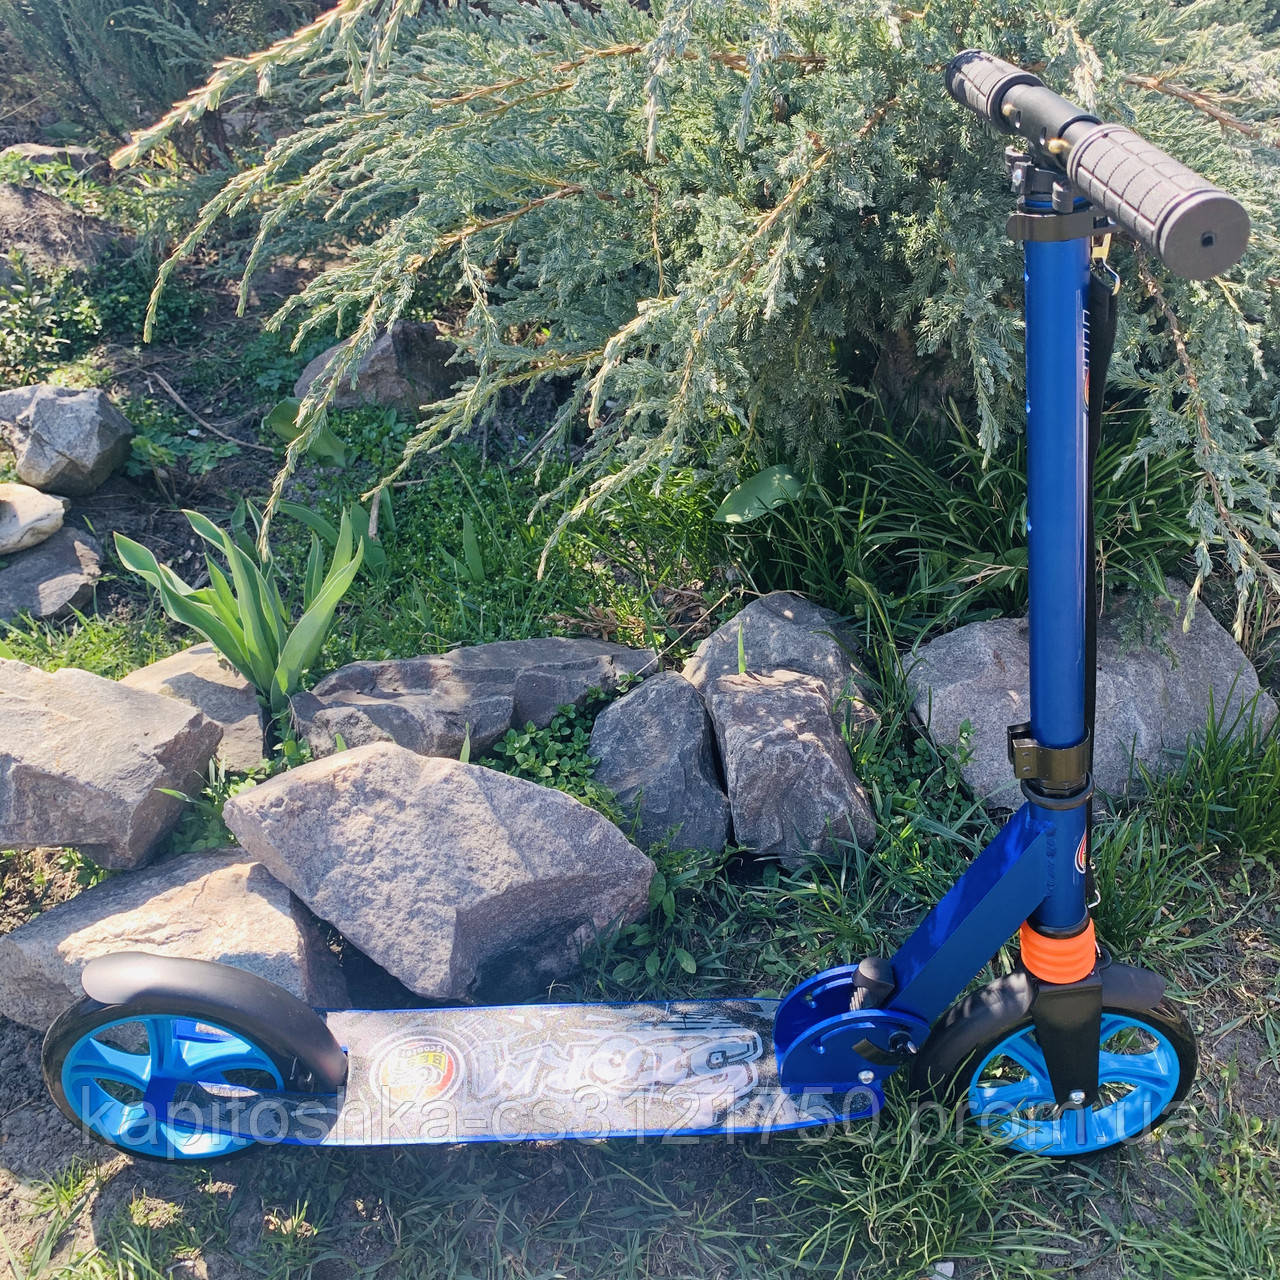 Самокат двухколесный нагрузка 100 кг складной, усиленная рама Best Scooter 2021